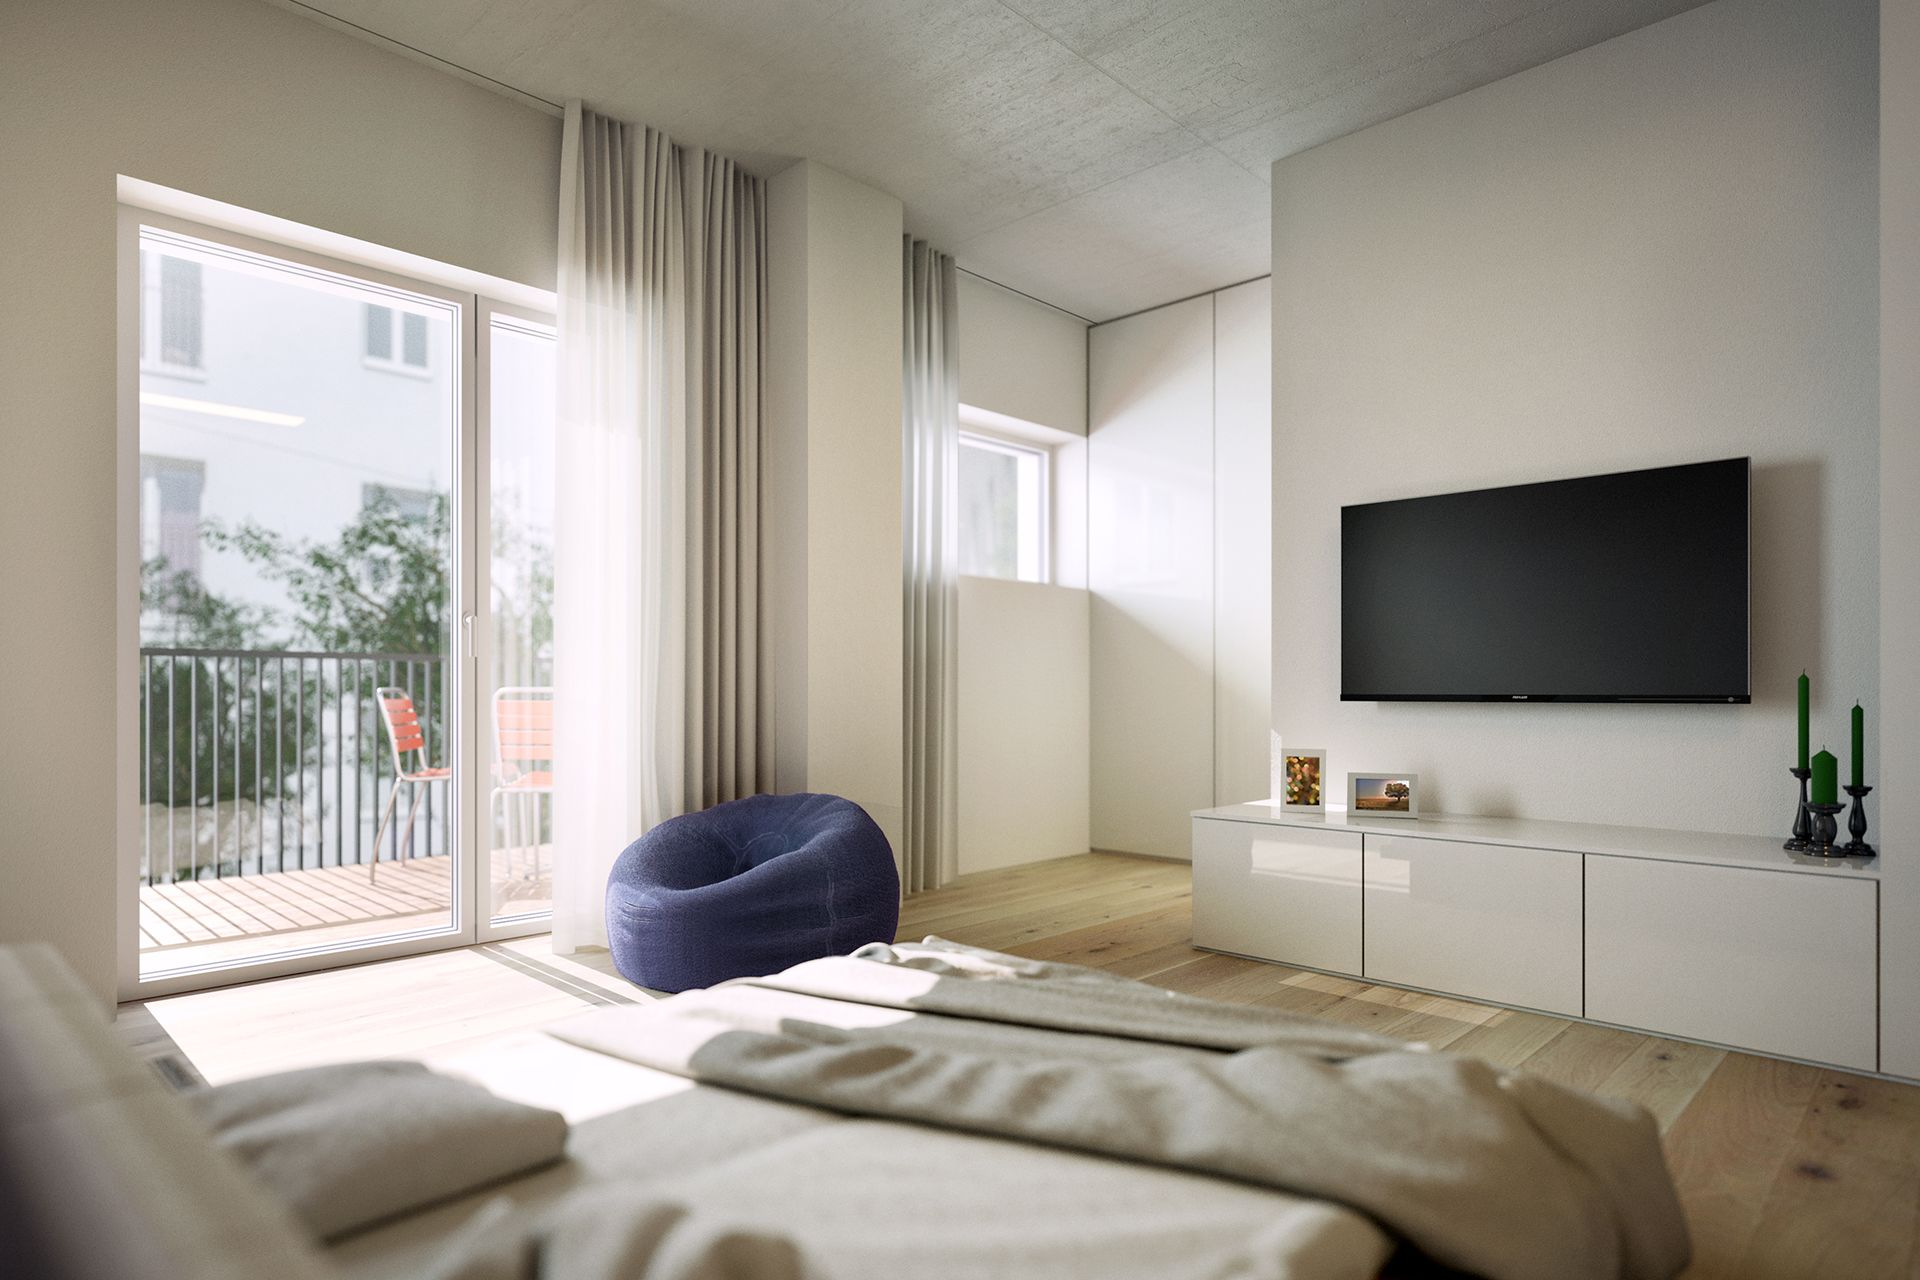 Interiorvisualisierung: Schlafzimmer von Wohnung Kardinal-Nagl-Platz, Wien-Landstrasse